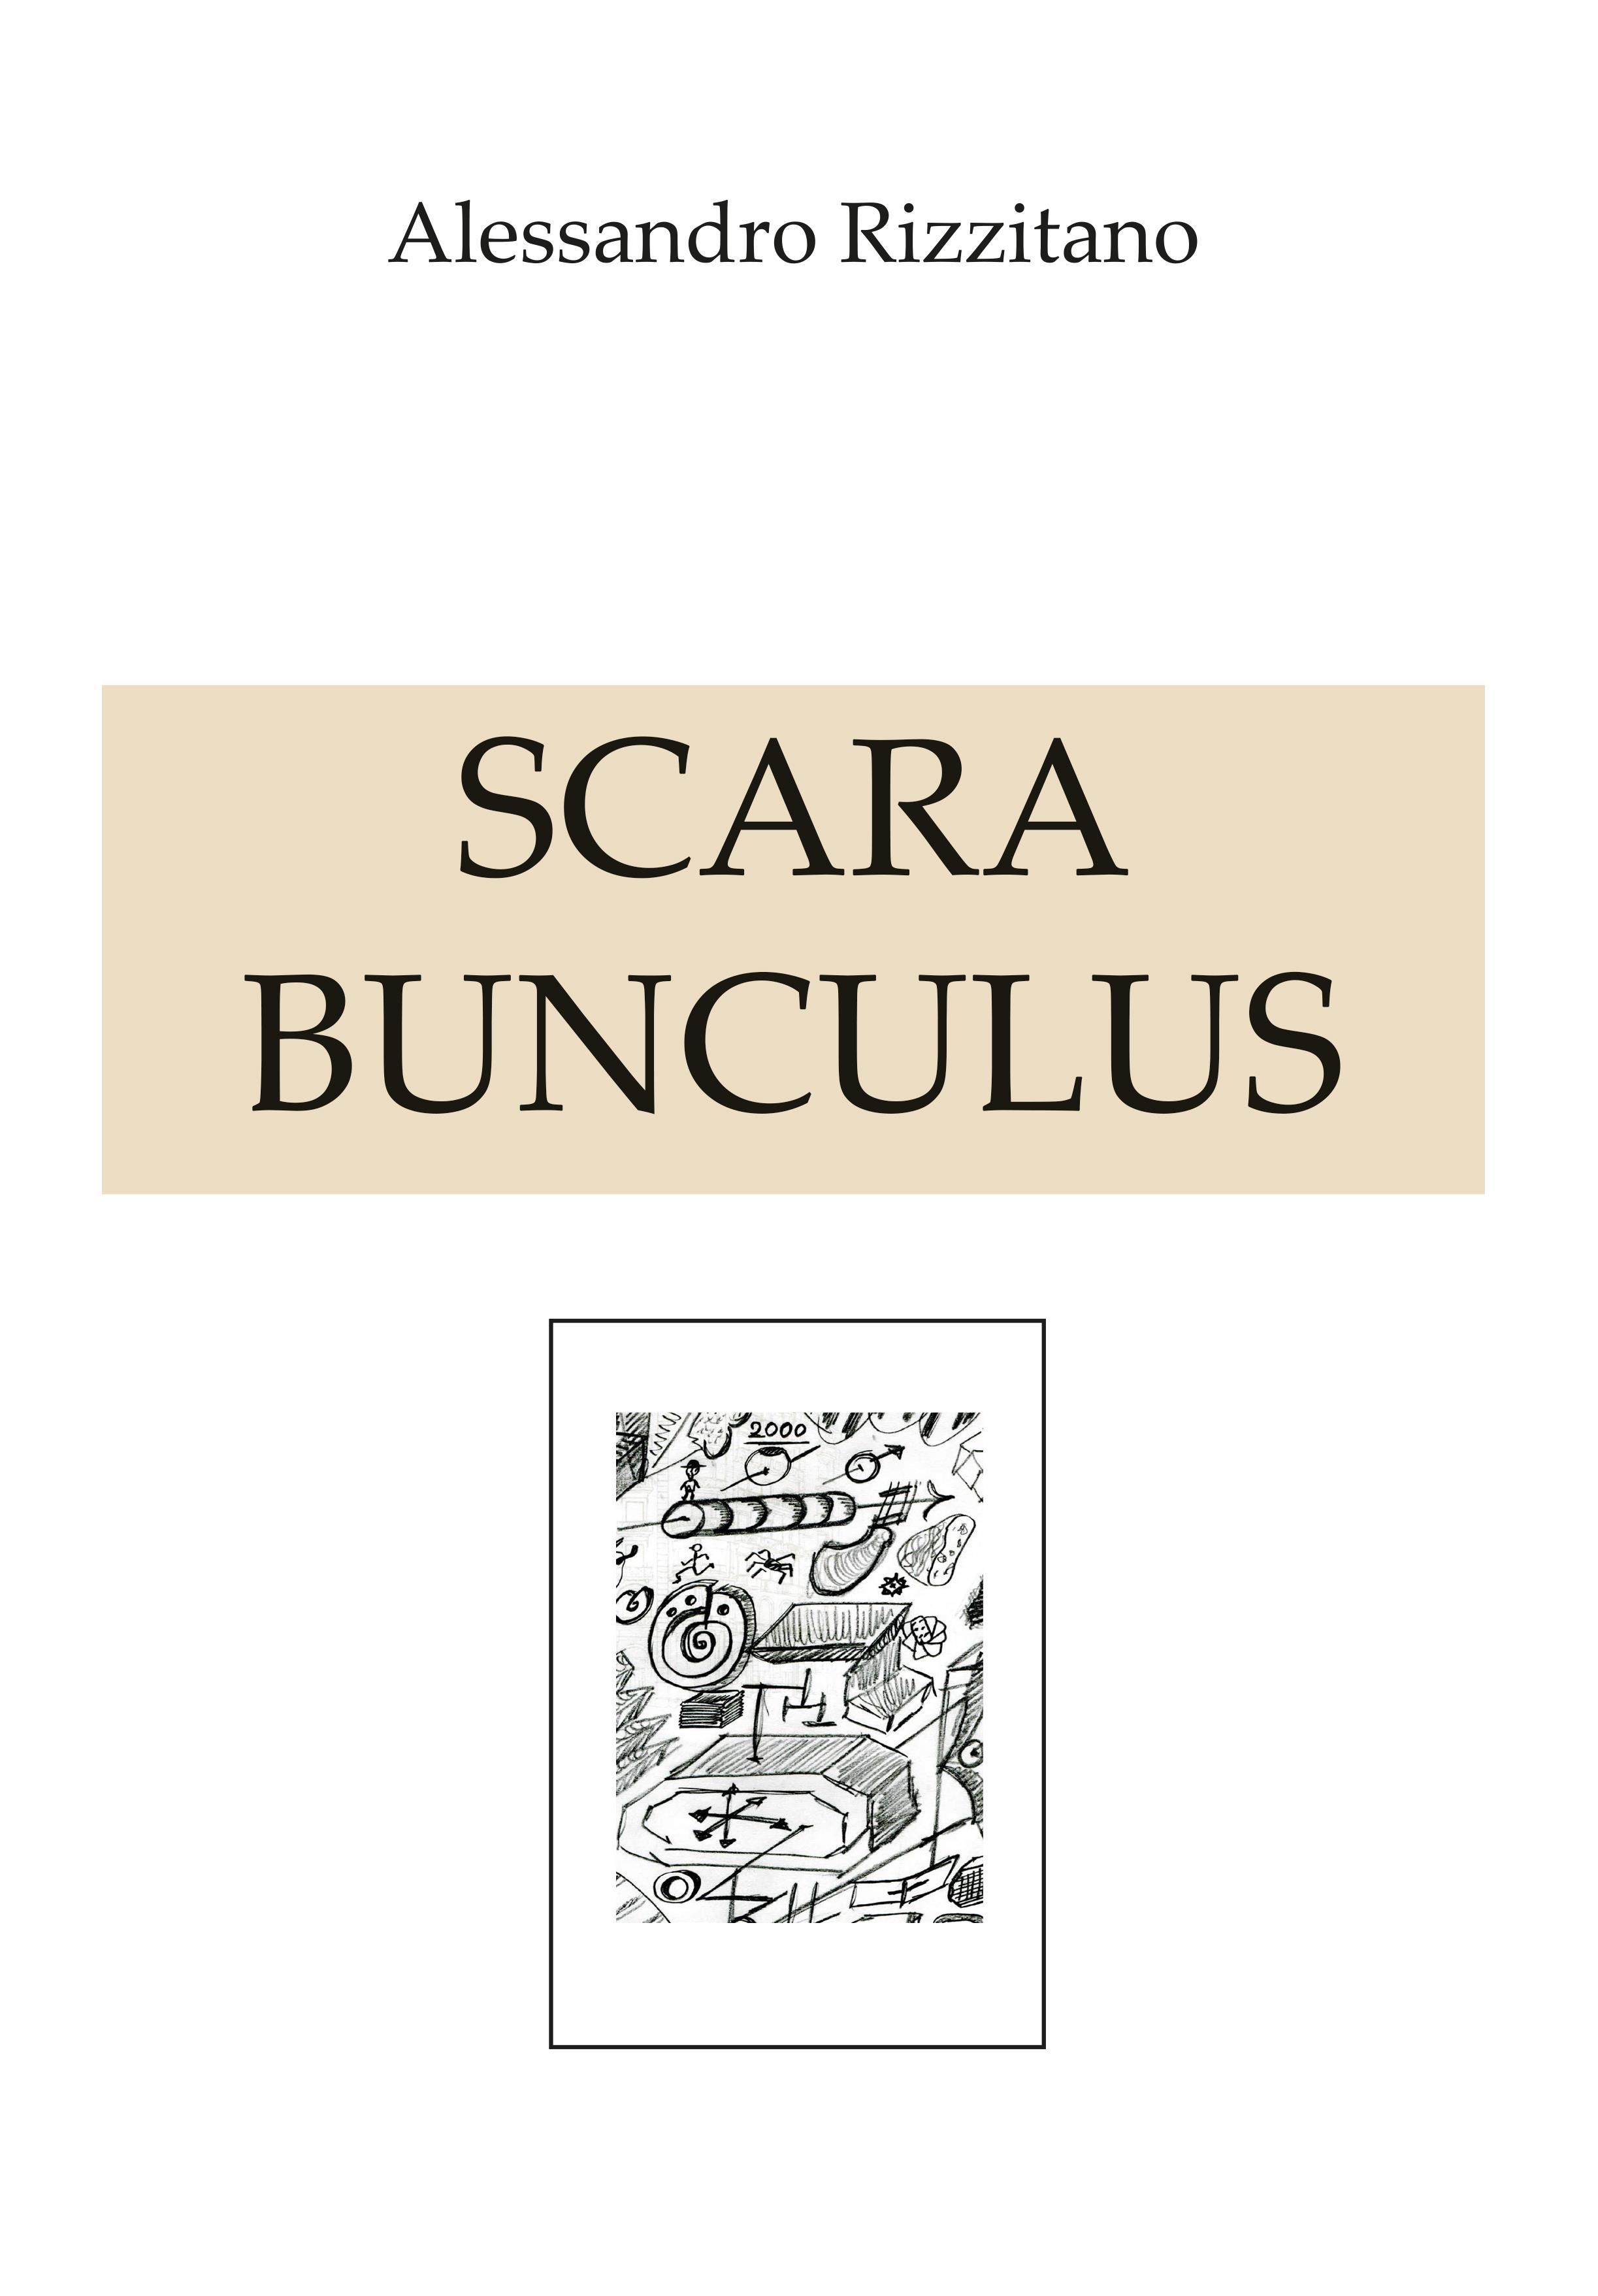 SCARABUNCULUS